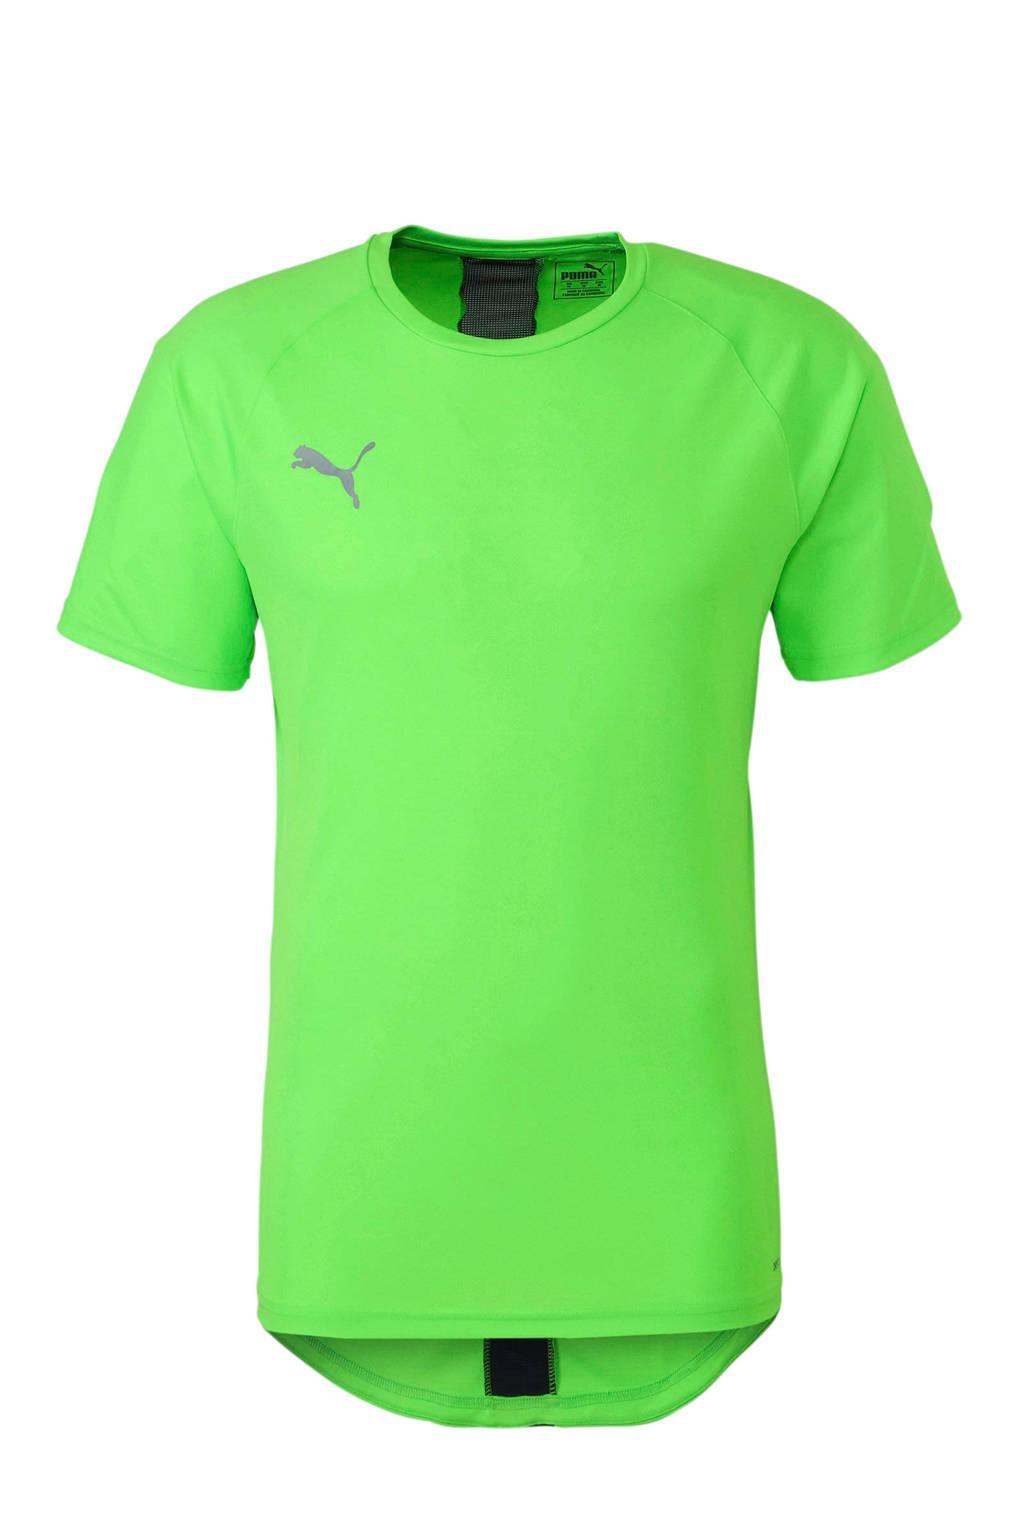 Puma   sport T-shirt neongroen, Neon groen